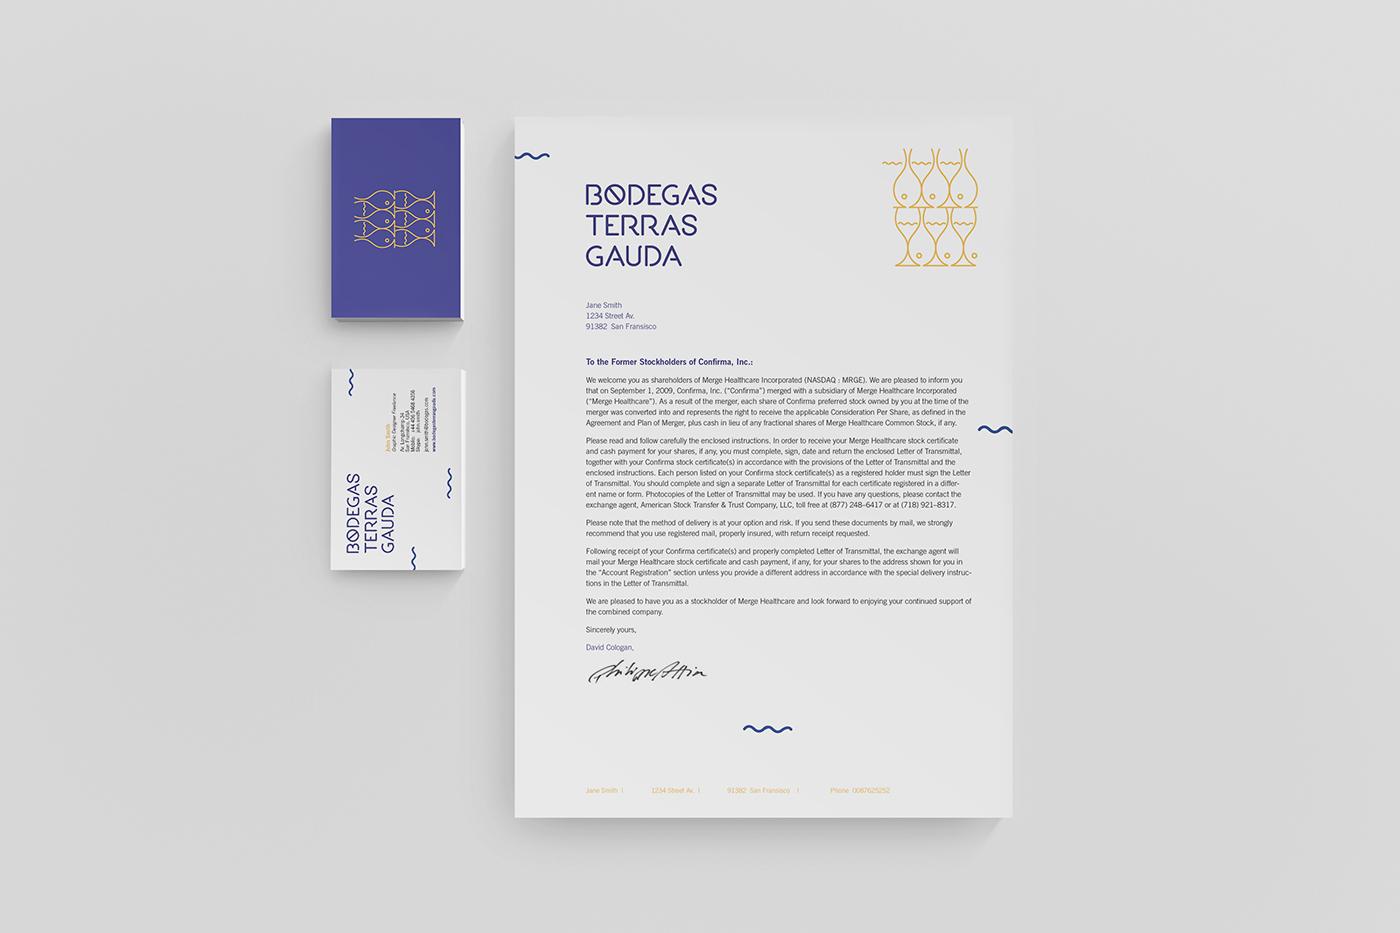 Bodegas Terras Gauda - Sylvain Botter